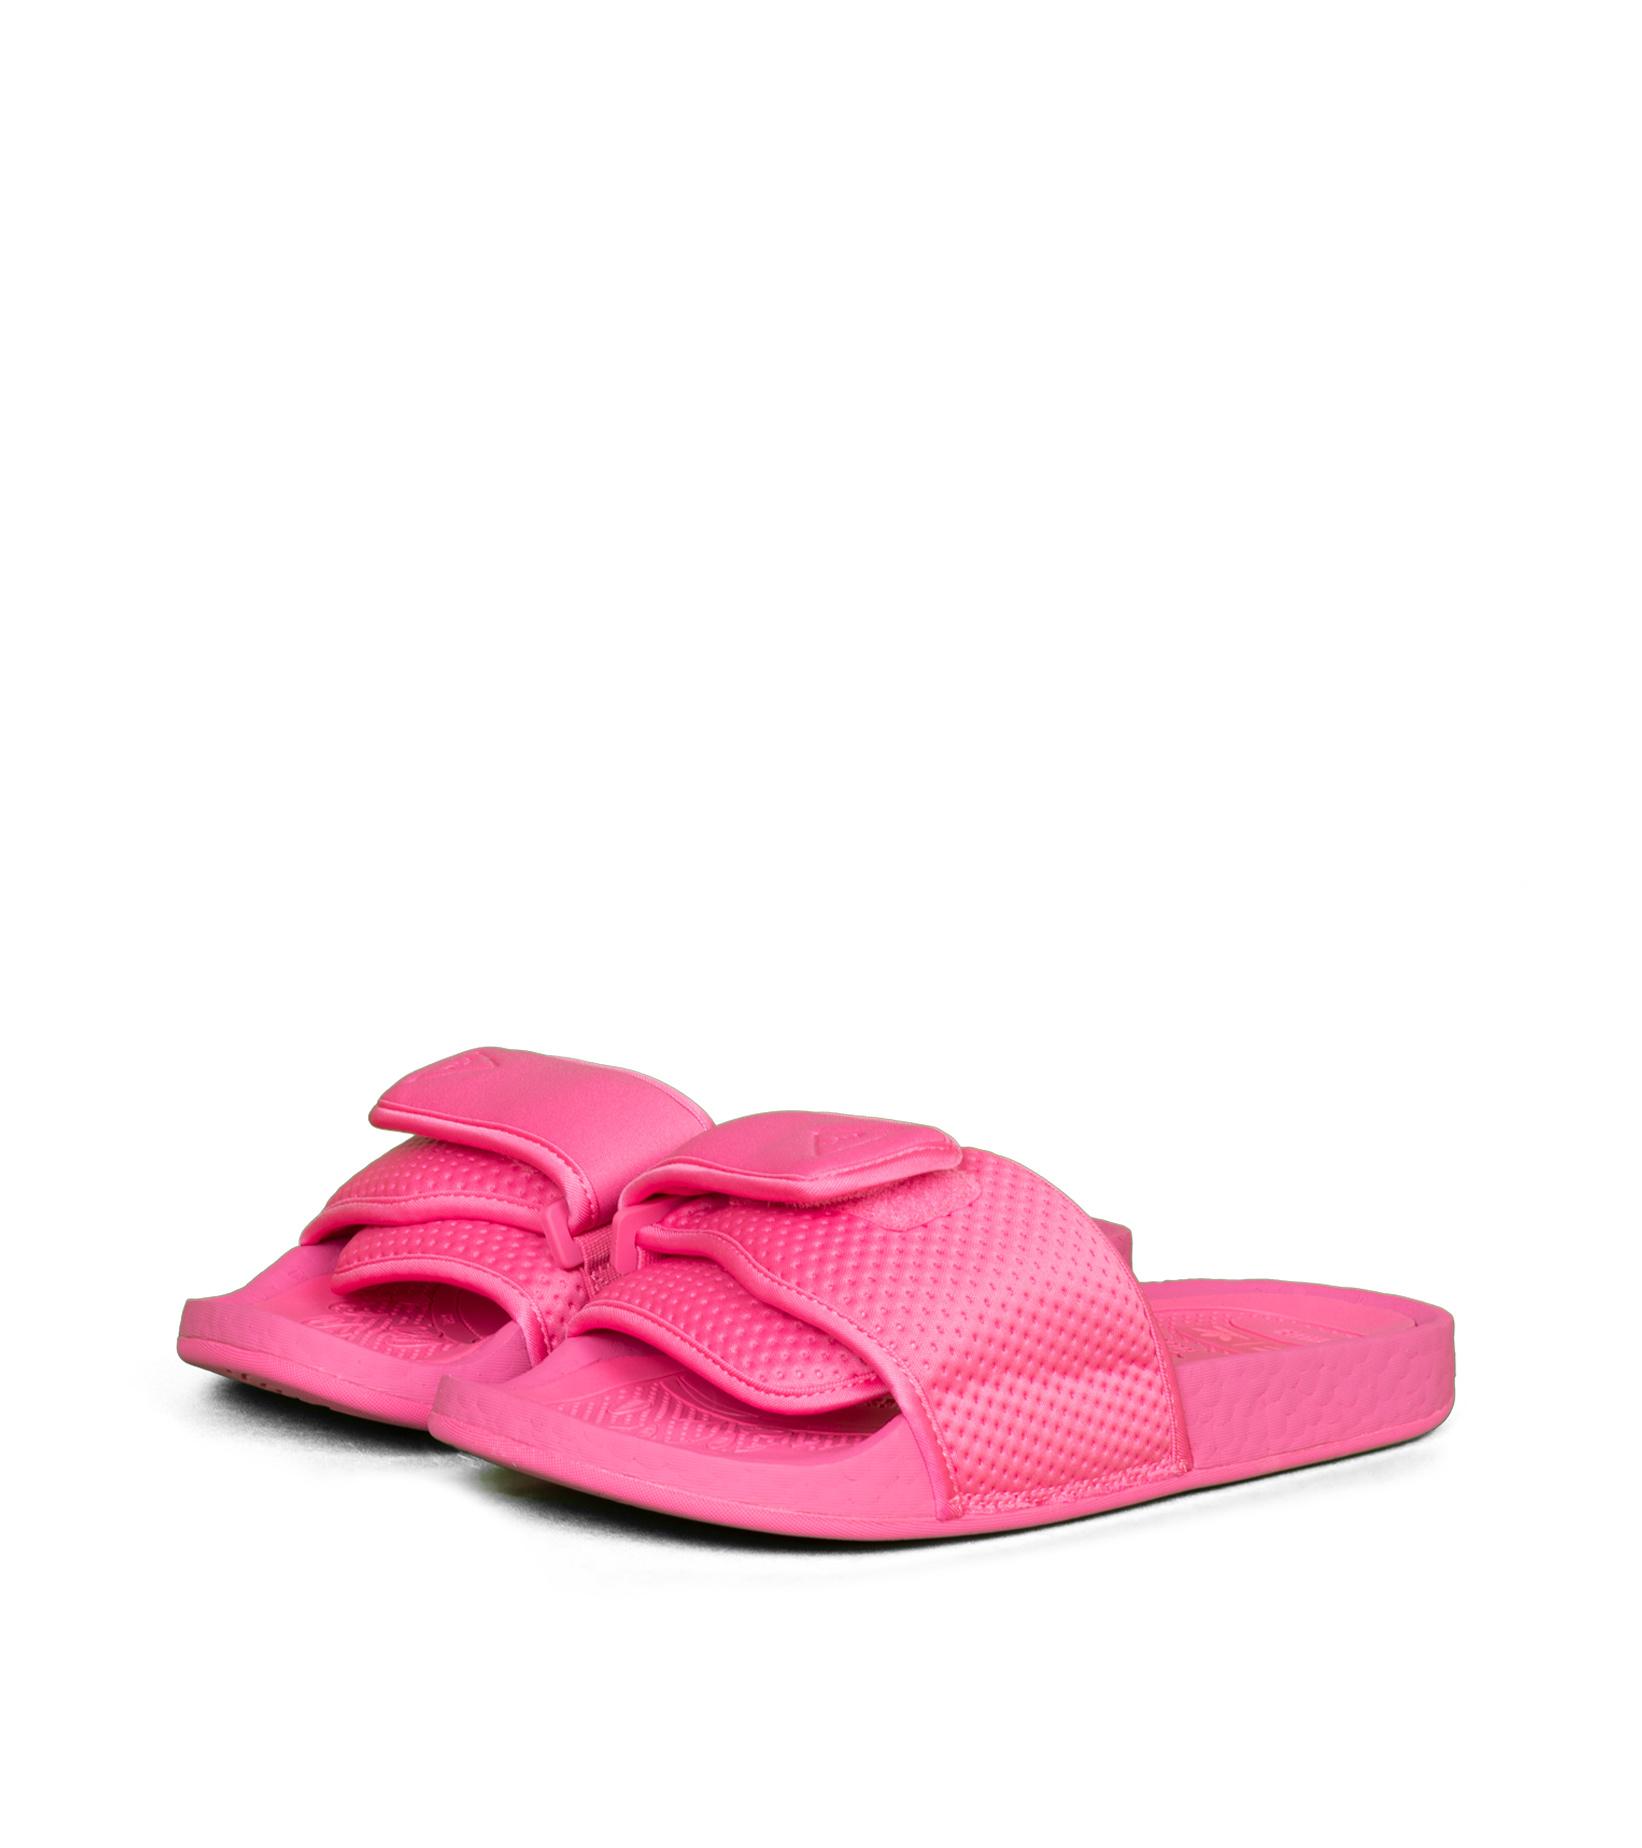 """Pw Boost Slides """"Semi Solar Pink""""-1"""